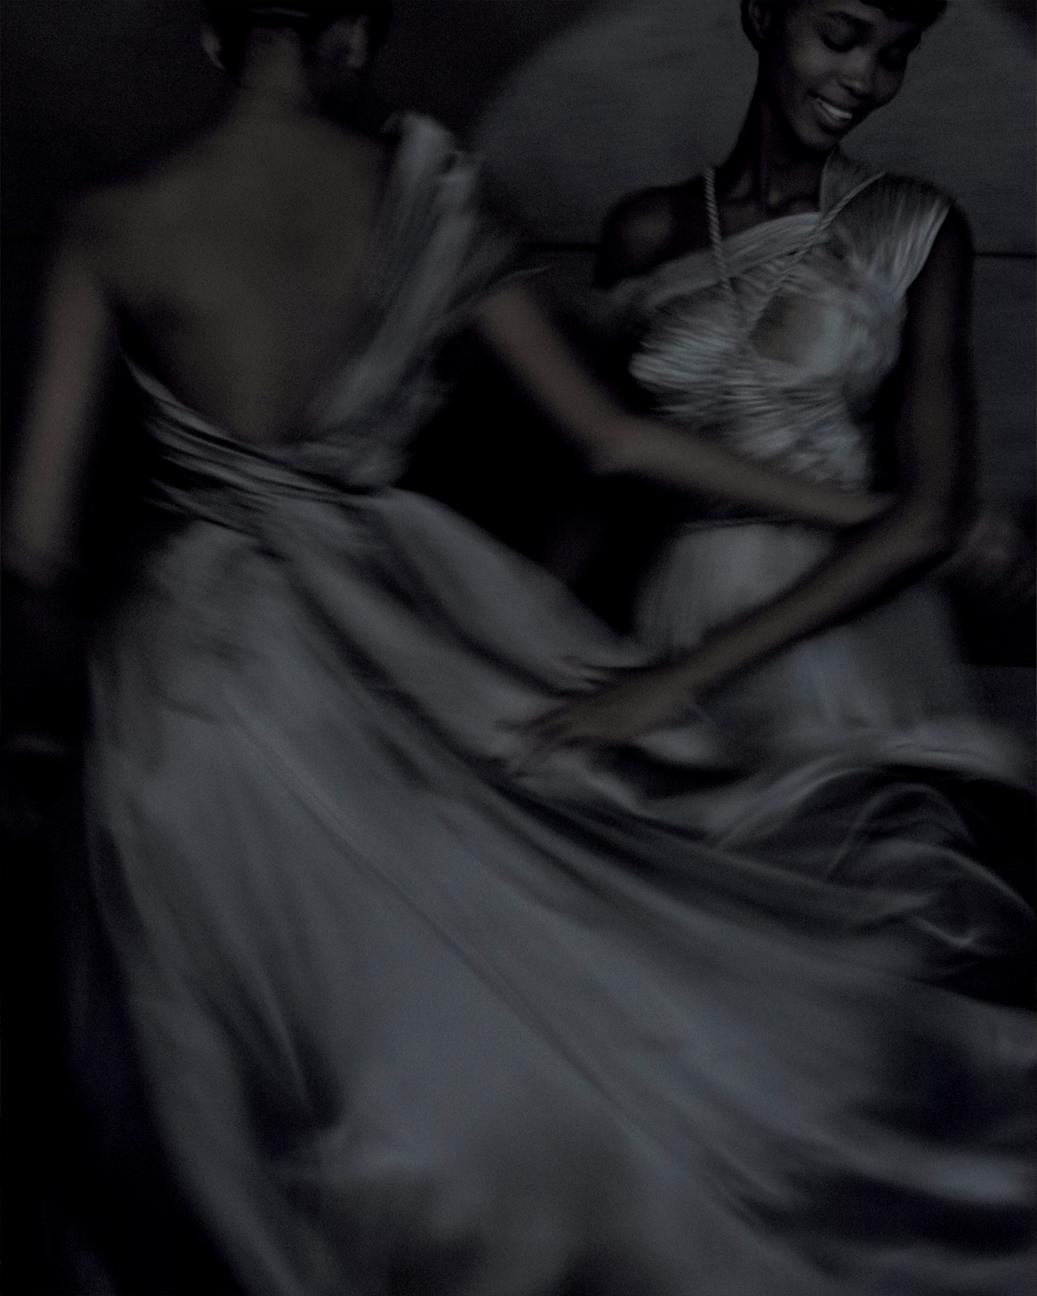 Ενα ονειρικό καρέ για τη συλλογή υψηλής ραπτικής Dior Ανοιξη-Καλοκαίρι 2020